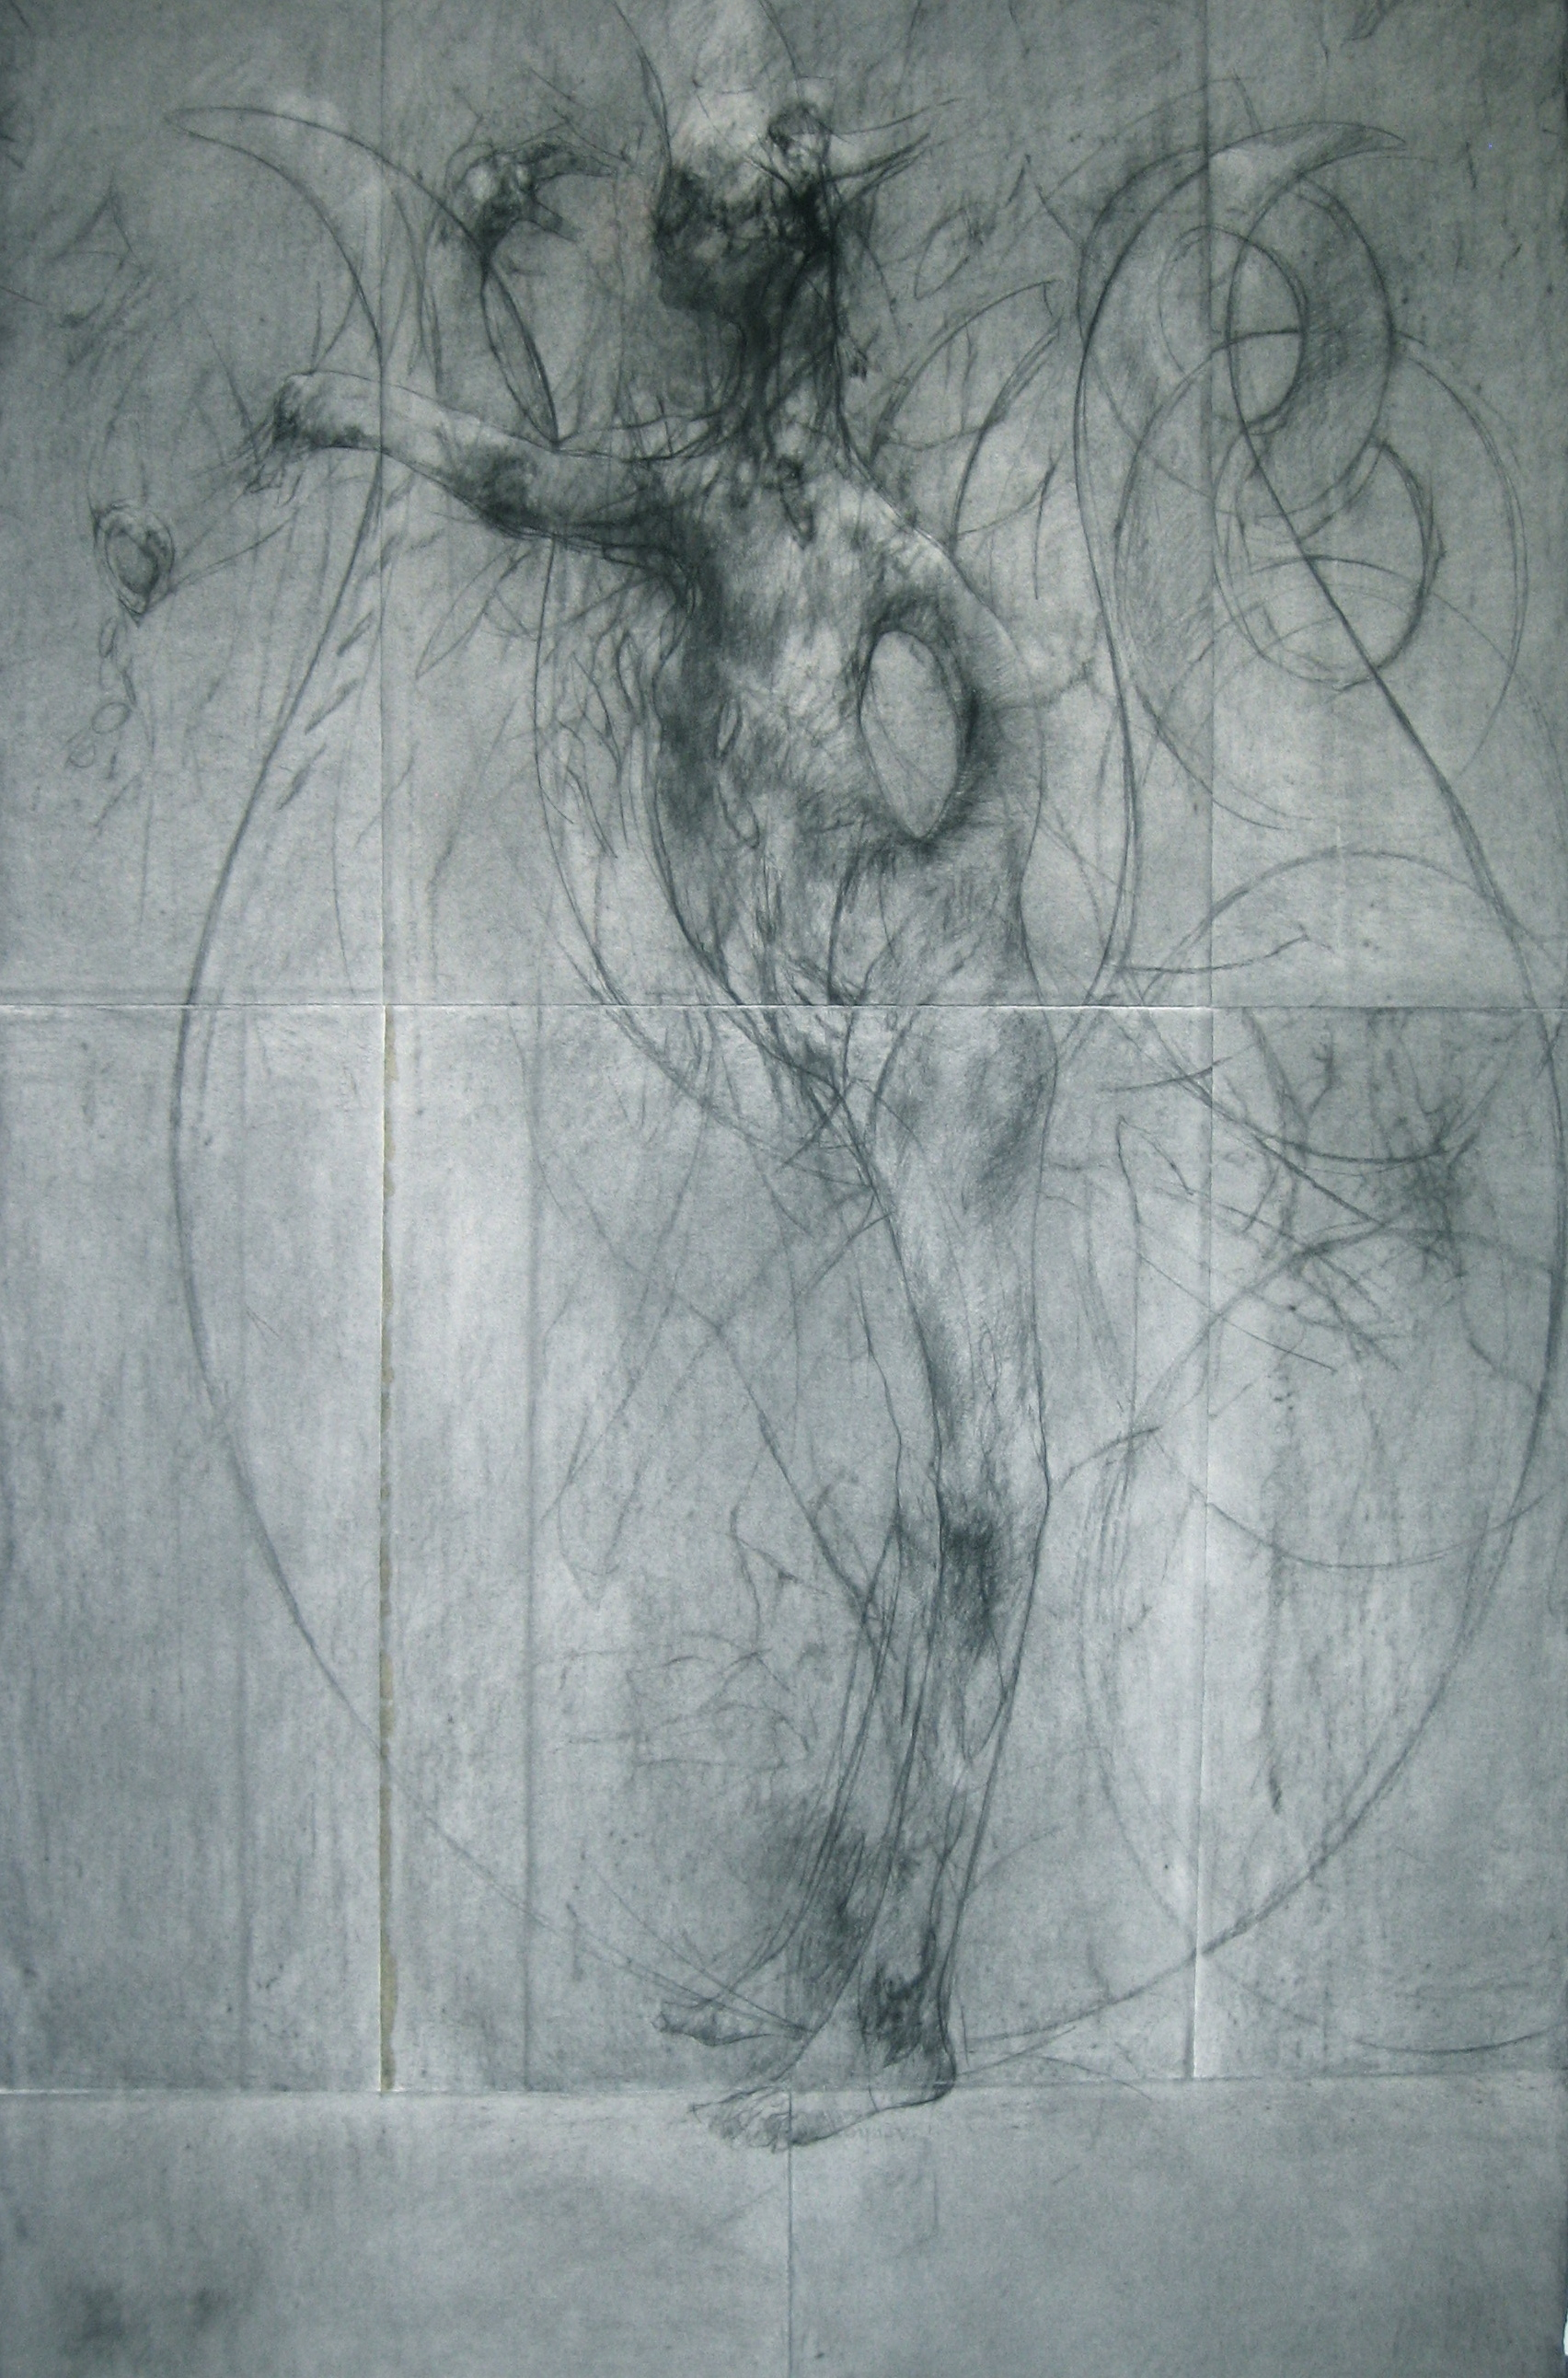 lyre, conté and charcoal on arches paper 181cm x 112cm